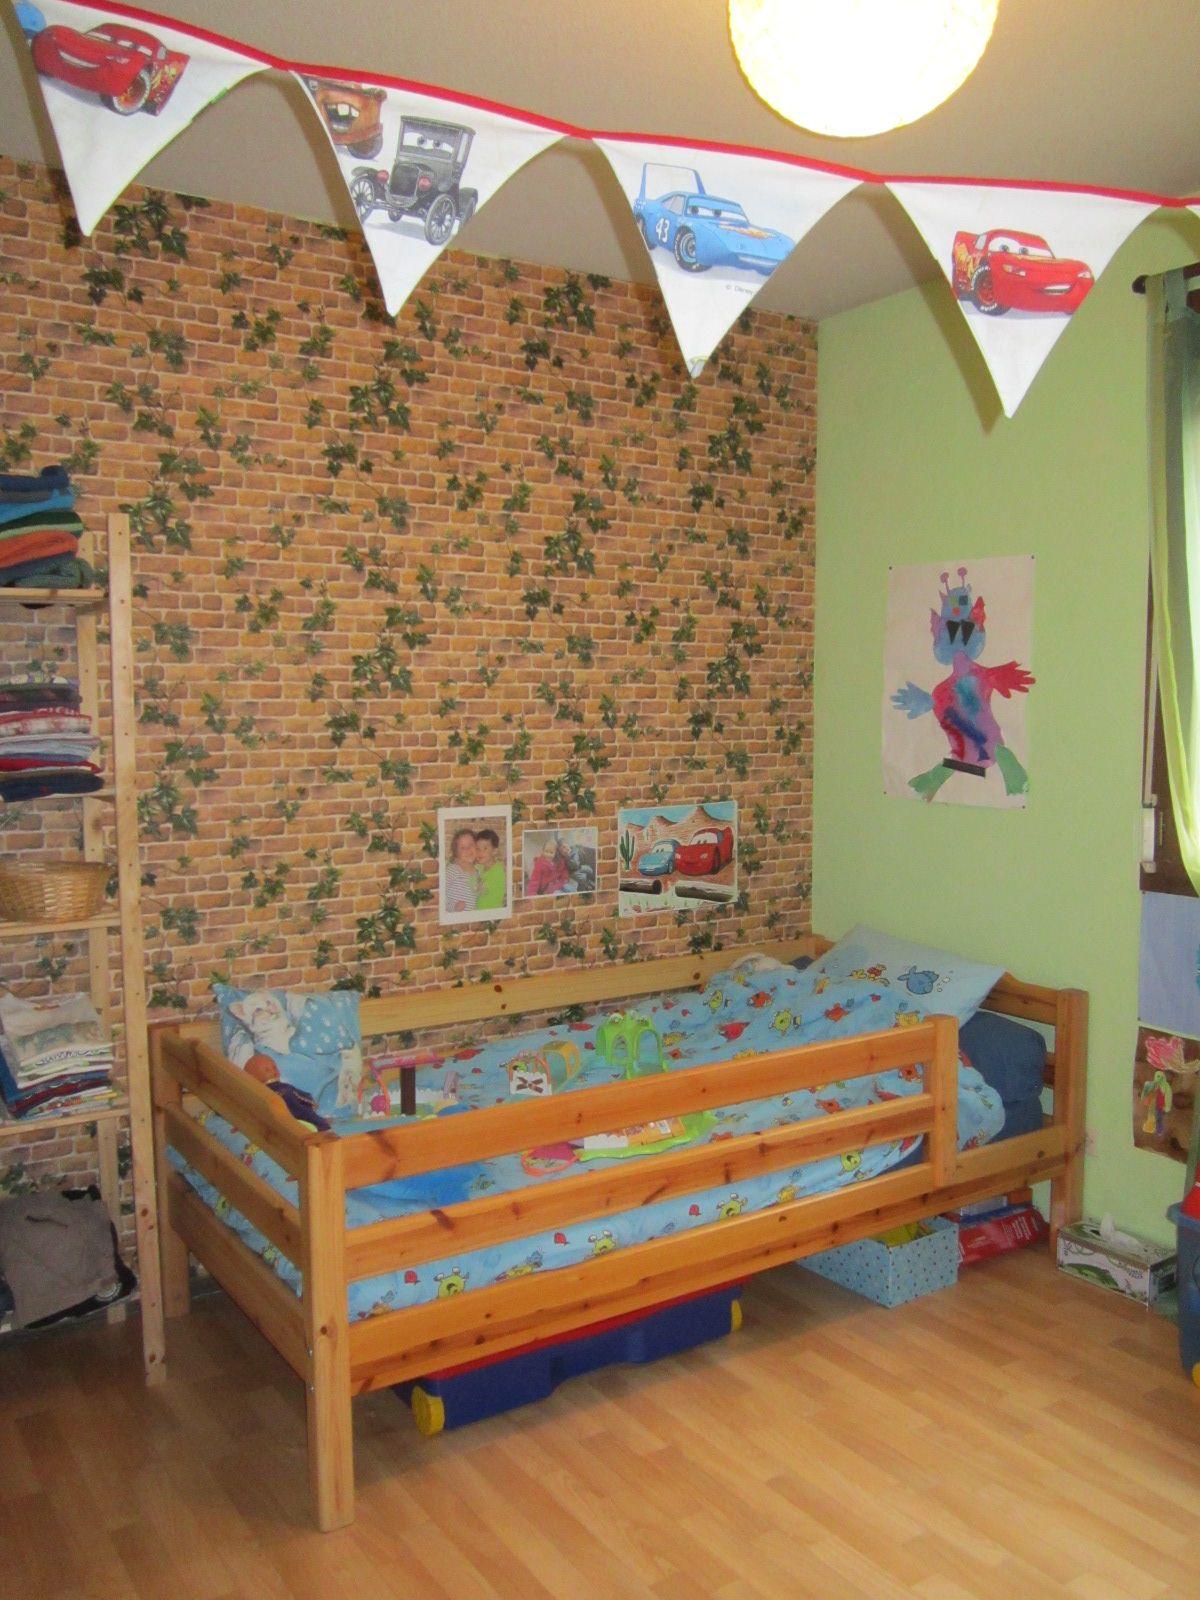 Decoration chambre nature chlorophylle - Decoration chambre nature ...